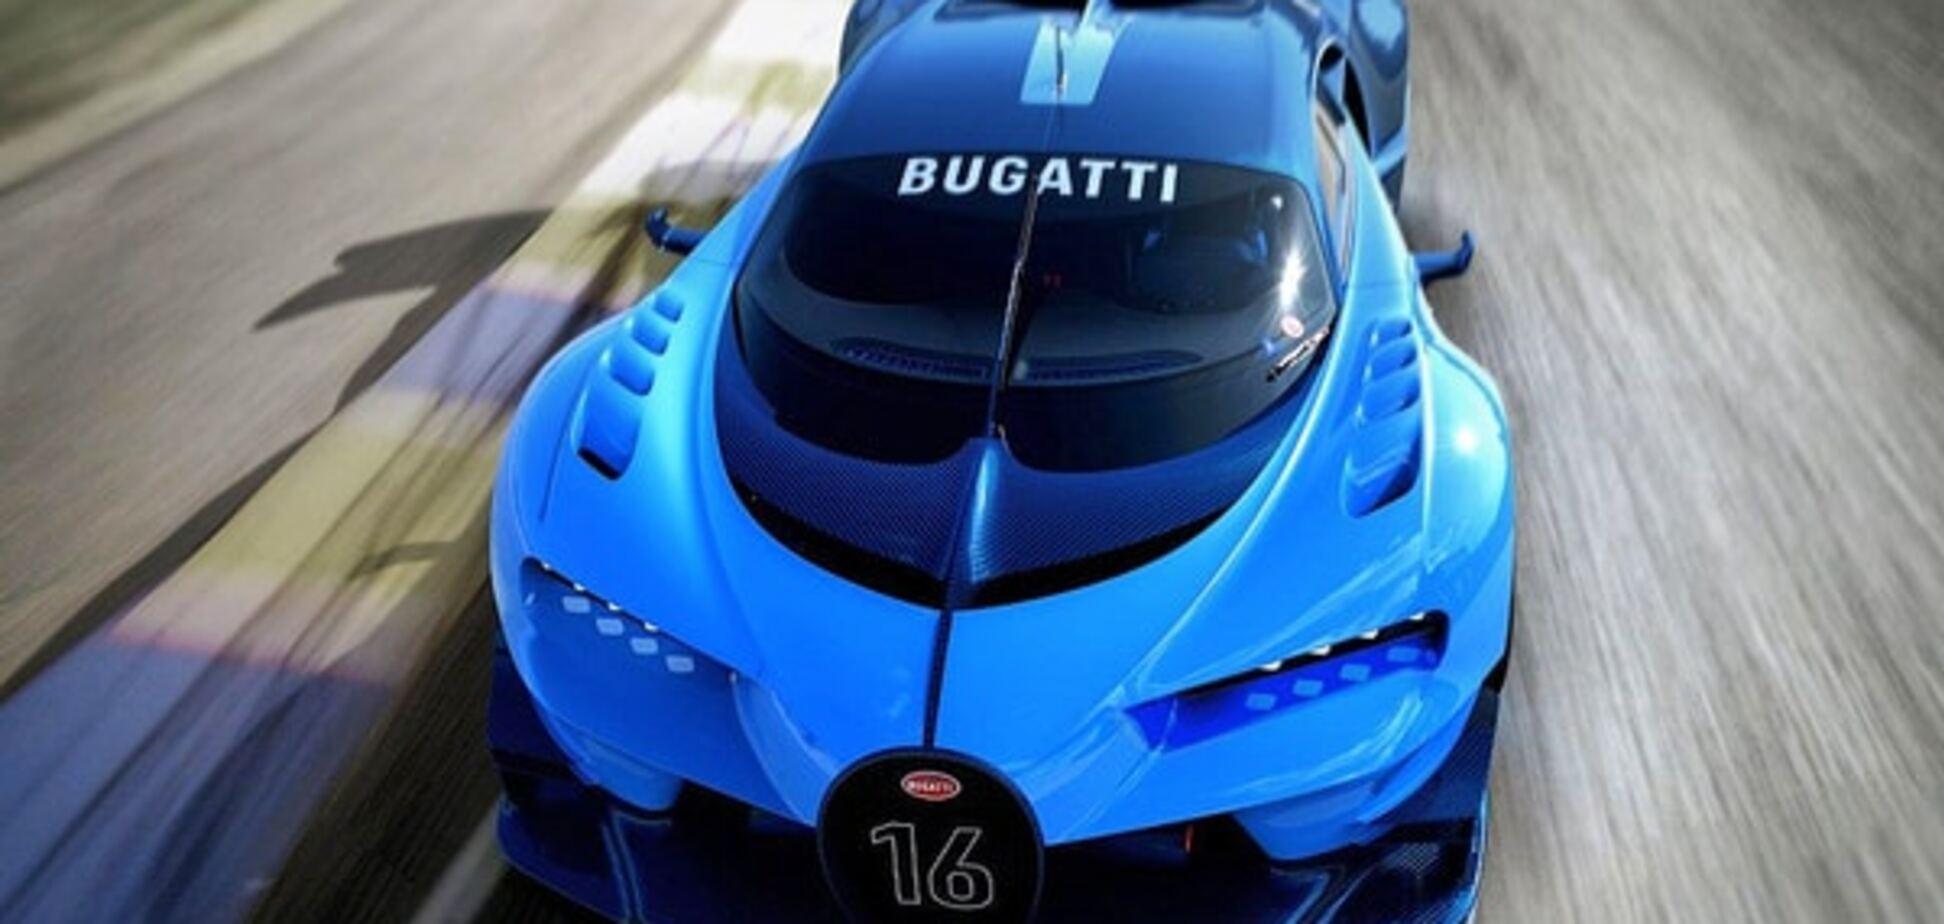 Франкфуртский автосалон: гиперкар из игры Gran Turismo 6 воплотился в реальности